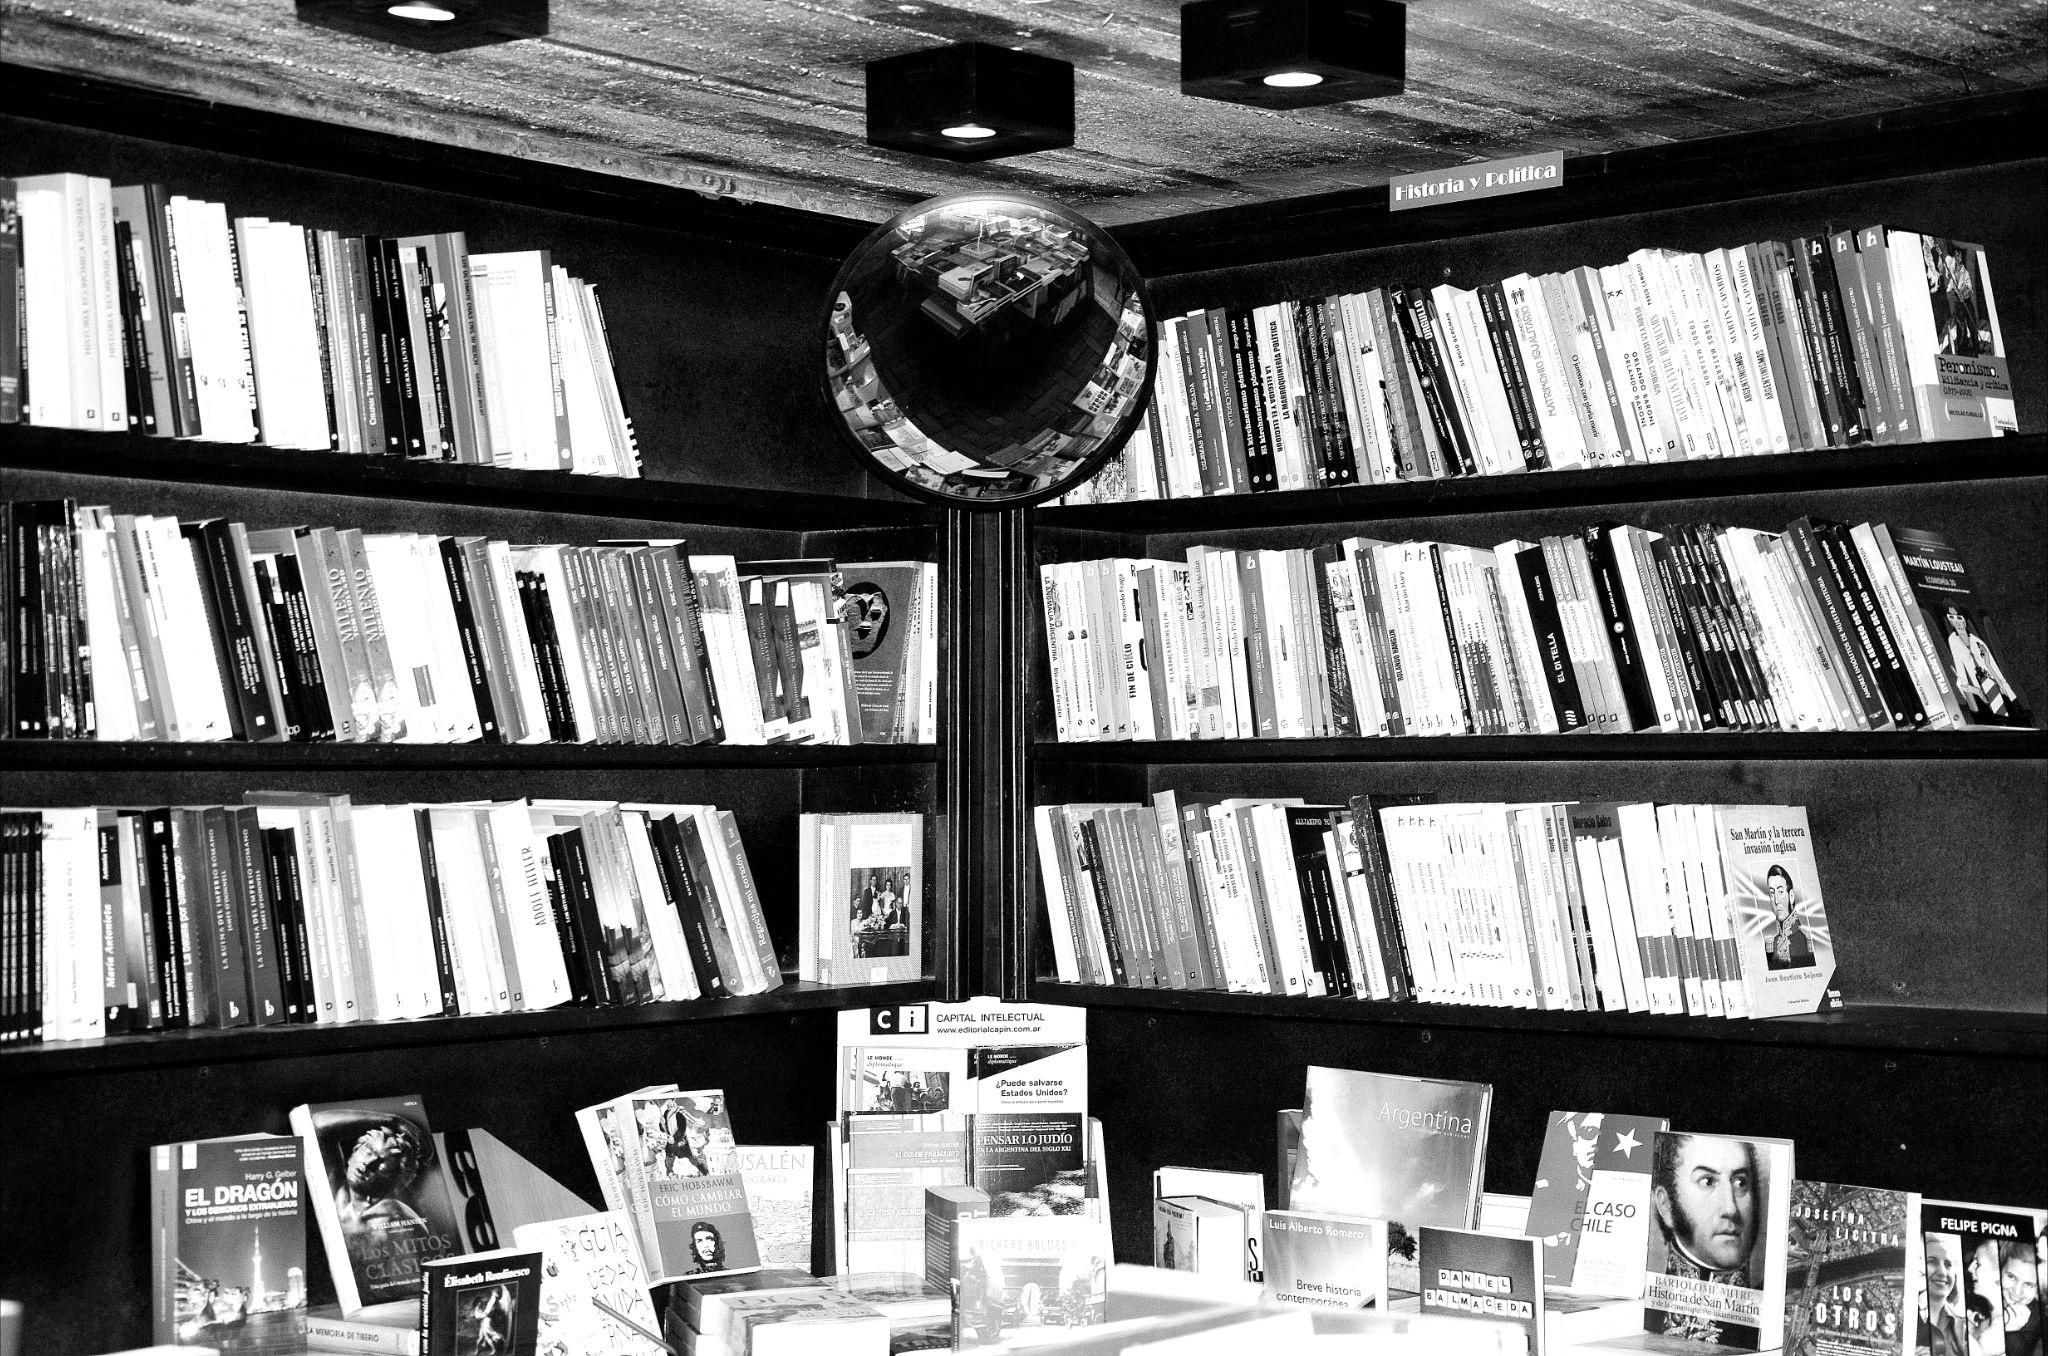 Librer a cl sica y moderna 5 la balandra otra narrativa for Clasica y moderna entradas